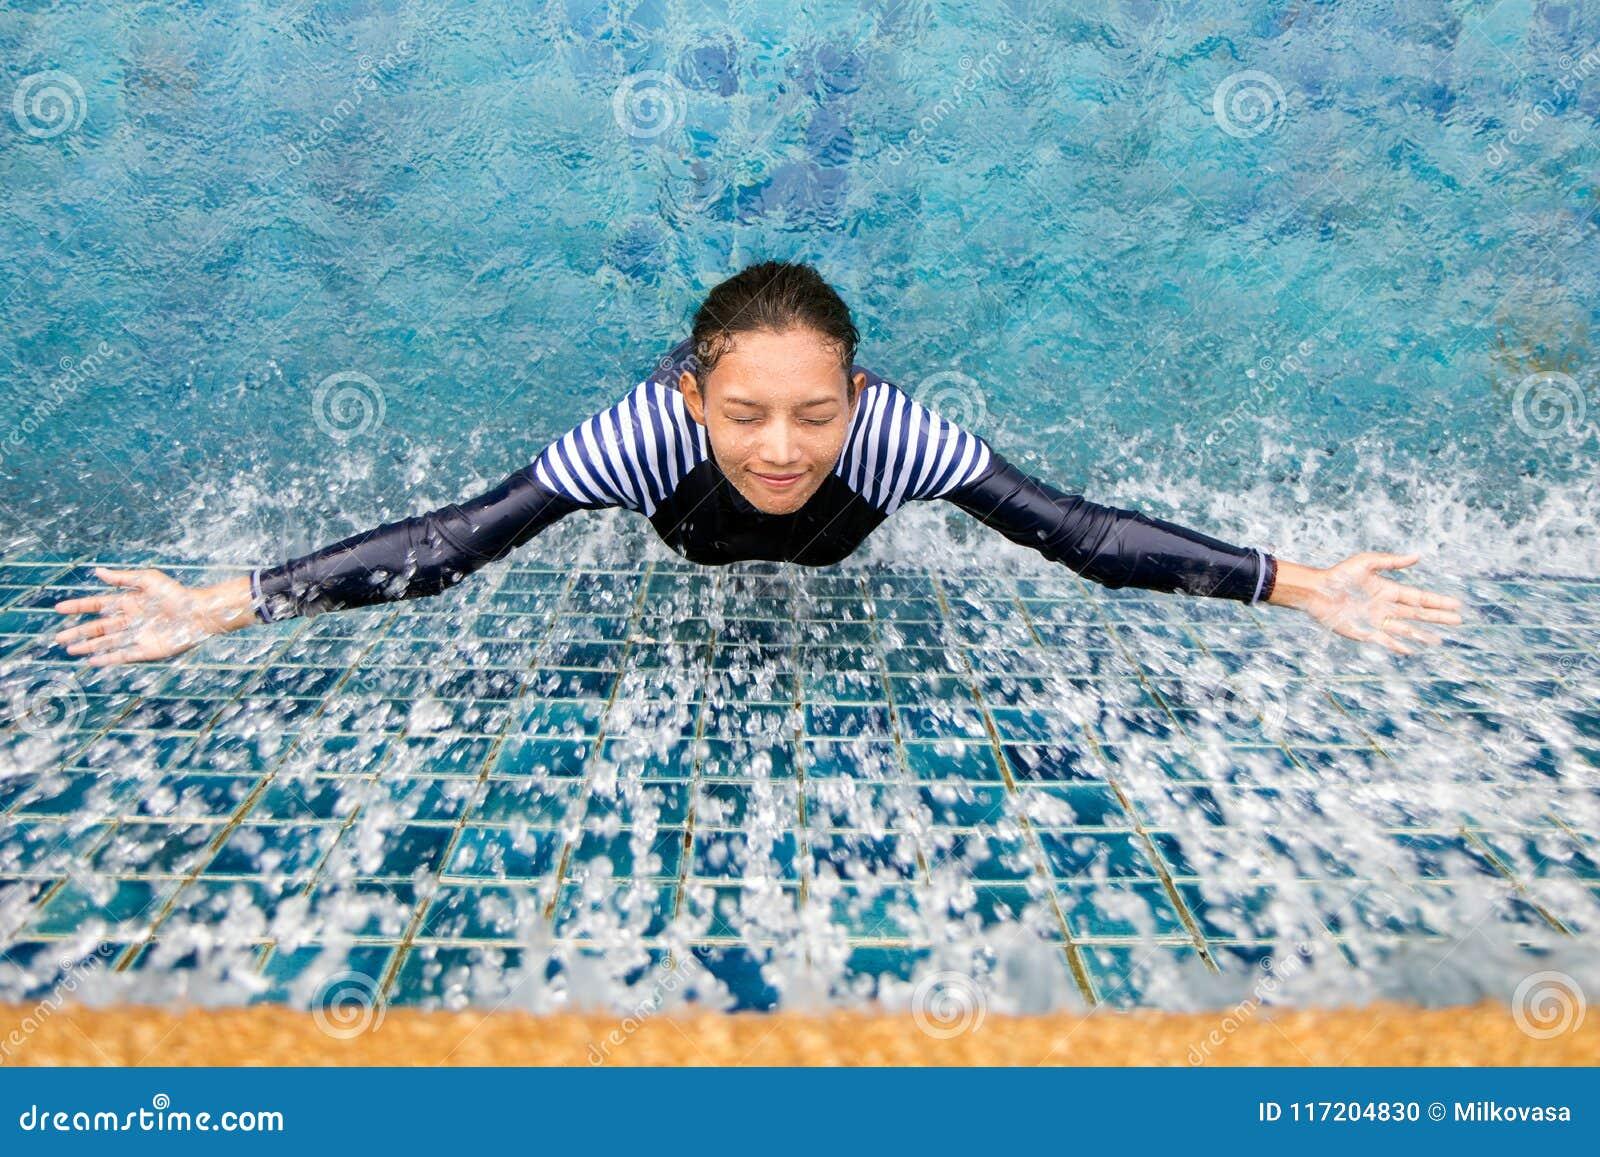 Femme sous la douche dans la piscine photo stock image - Photo femme sous la douche ...